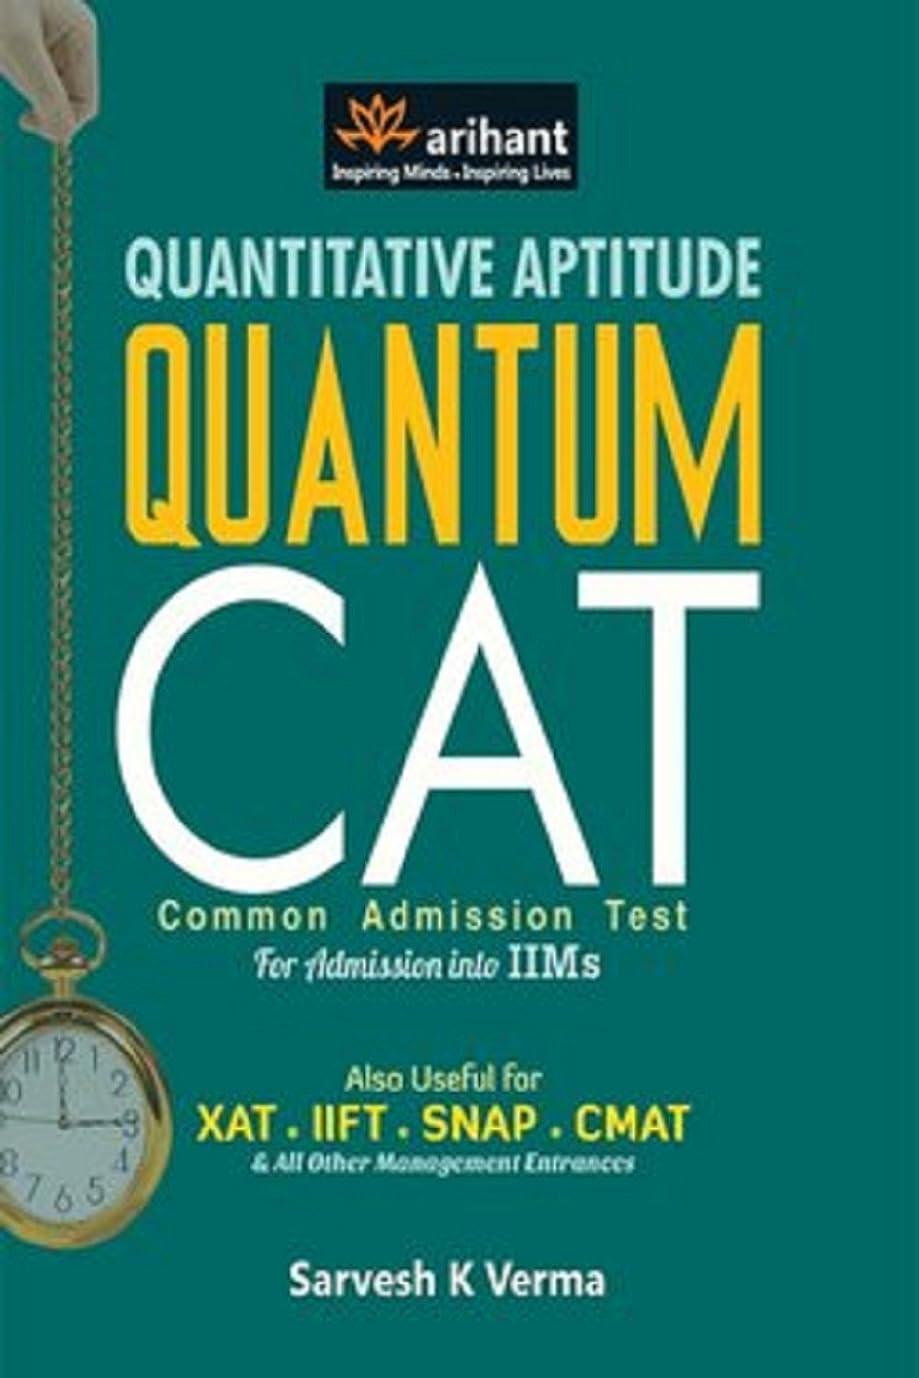 シソーラス交じるオーナーQuantitative Aptitude Quantum CAT for Admission into IIMs: Quantum CAT (English Edition)